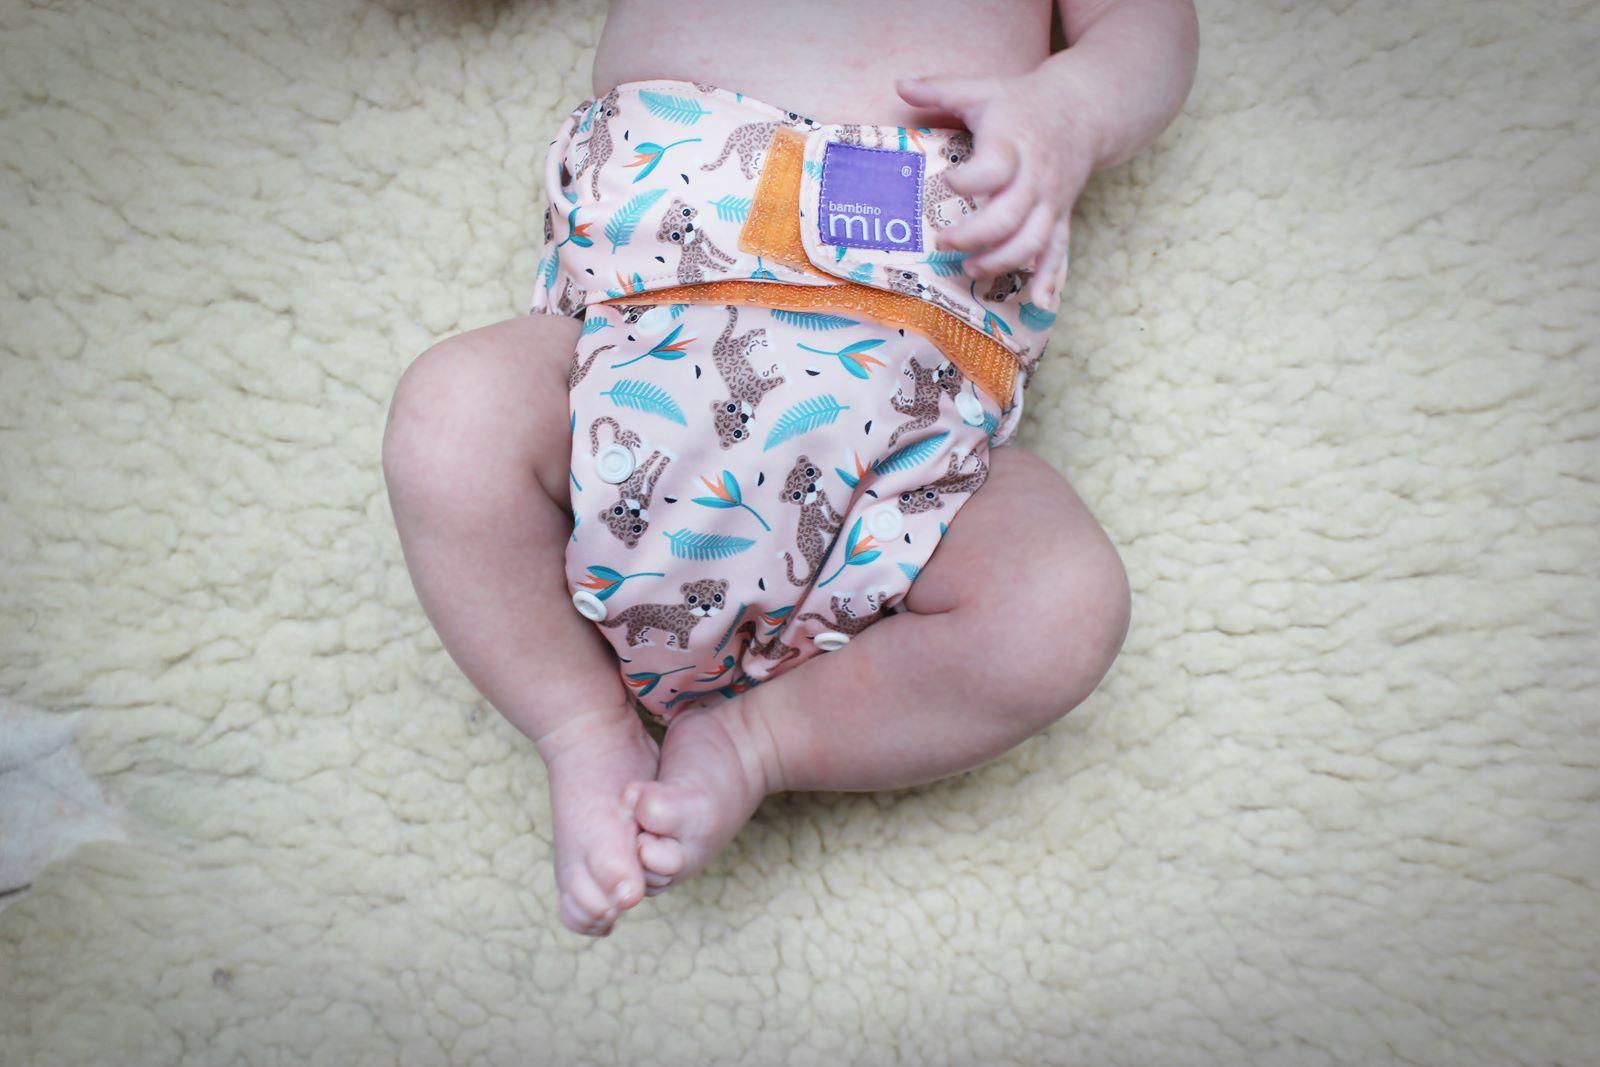 Couche lavable bambino mio misolo 5